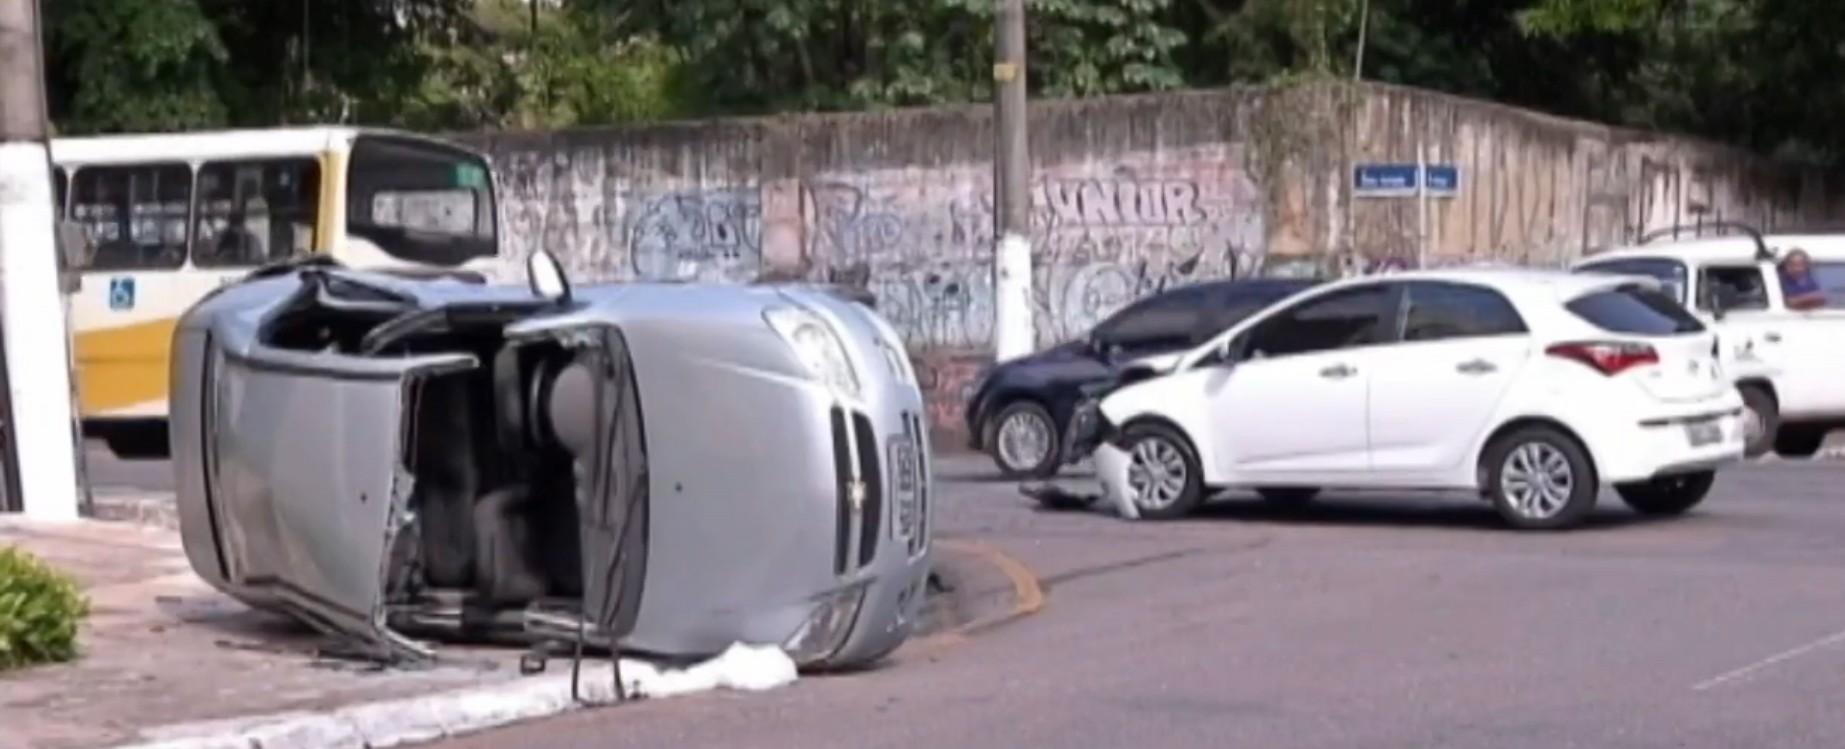 Acidente deixa carro capotado e fere uma pessoa no centro de Belém - Notícias - Plantão Diário